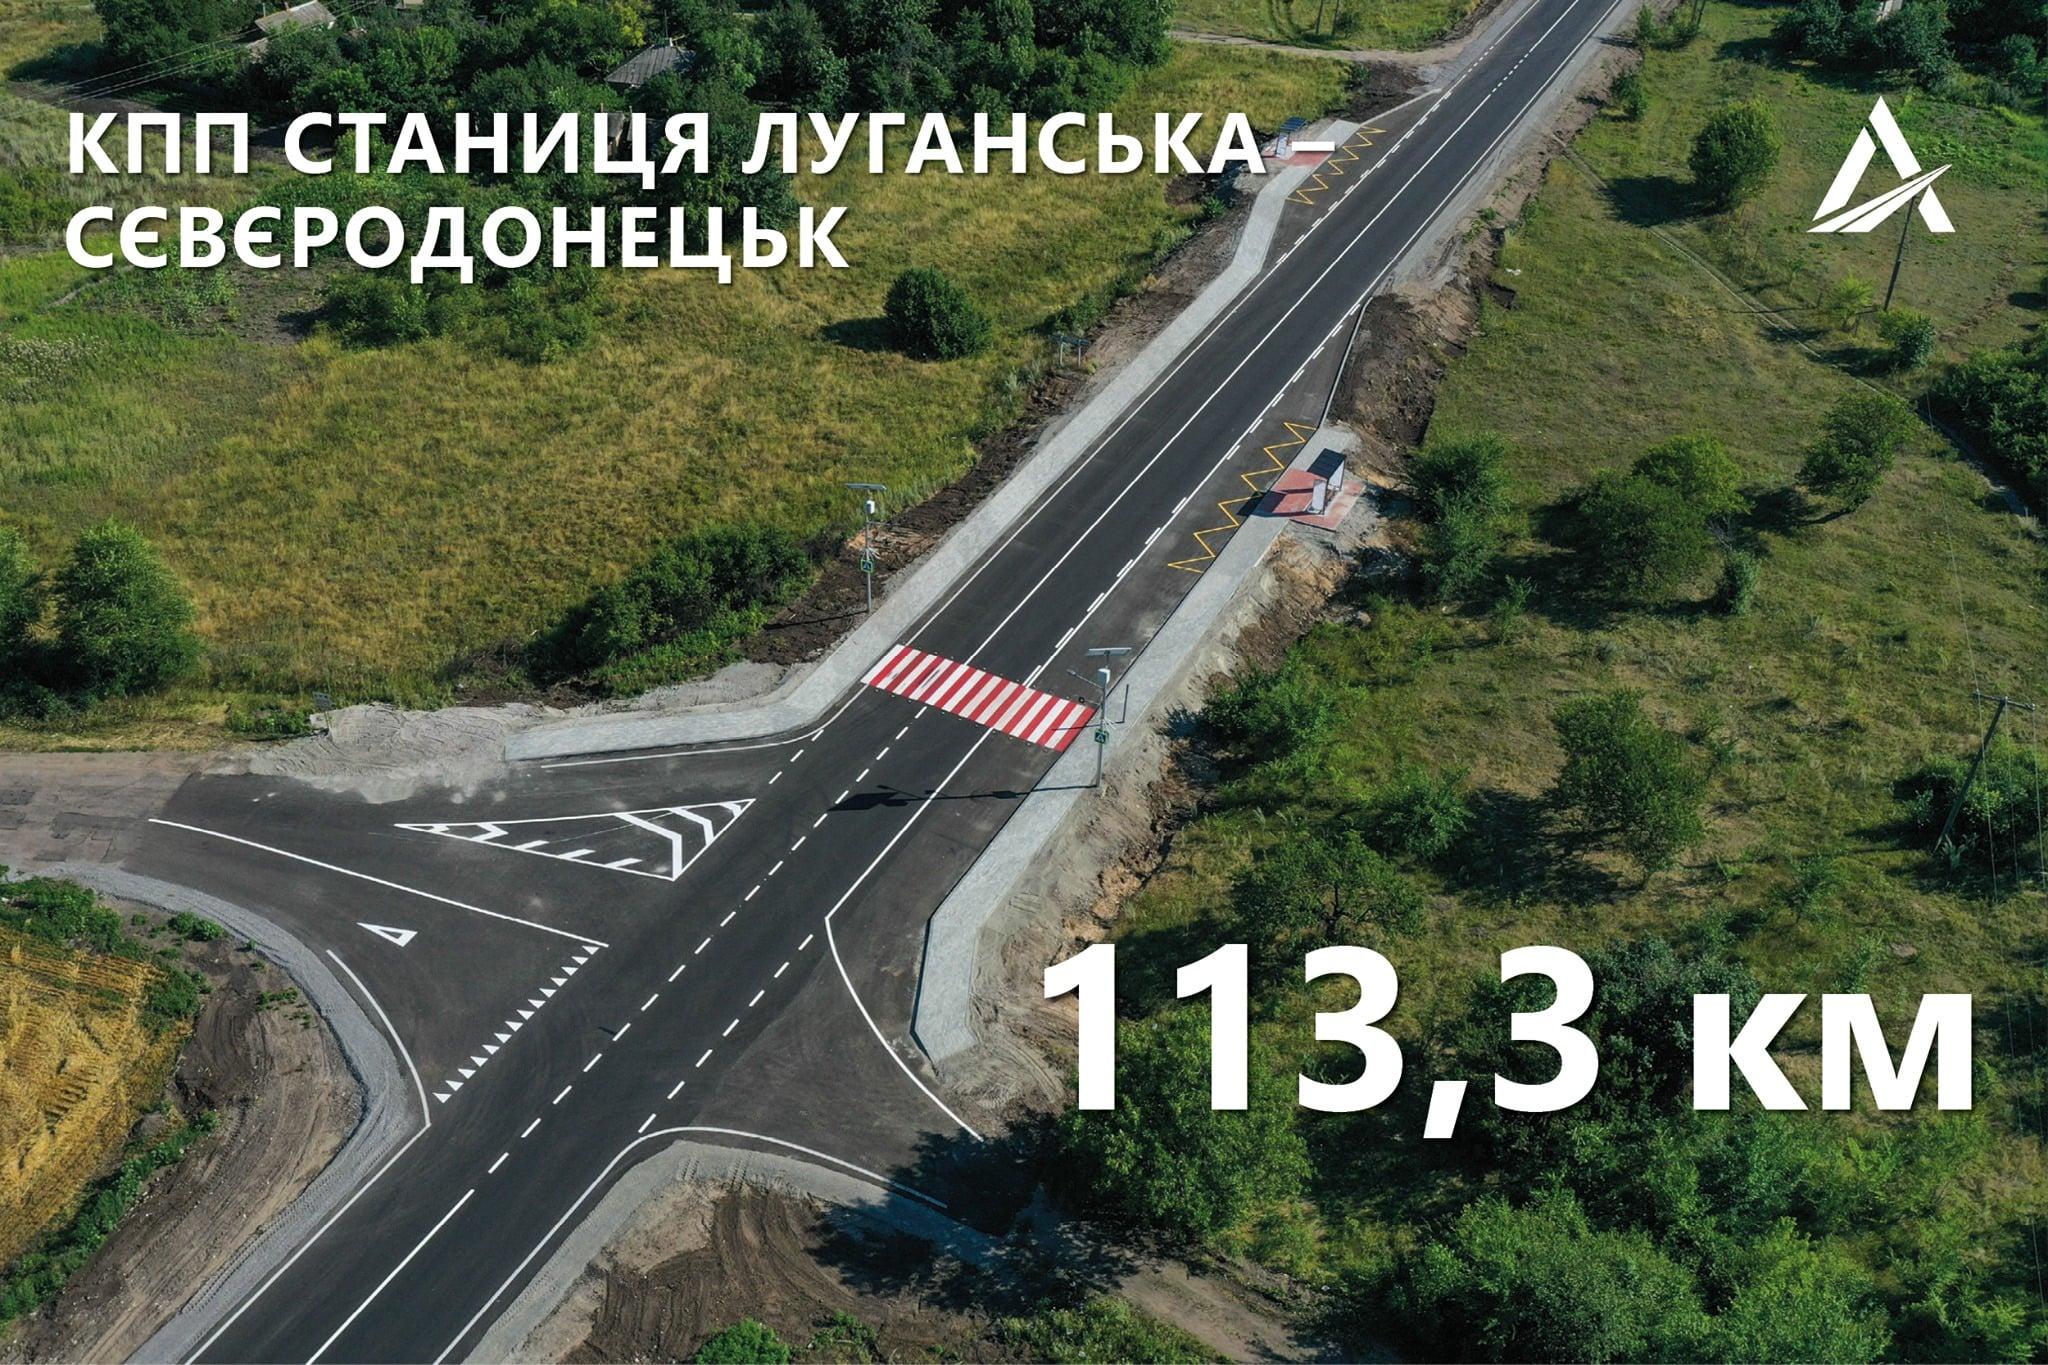 Фото ТОП-5 дорог Украины, которым в этом году реально повезло - фото 4